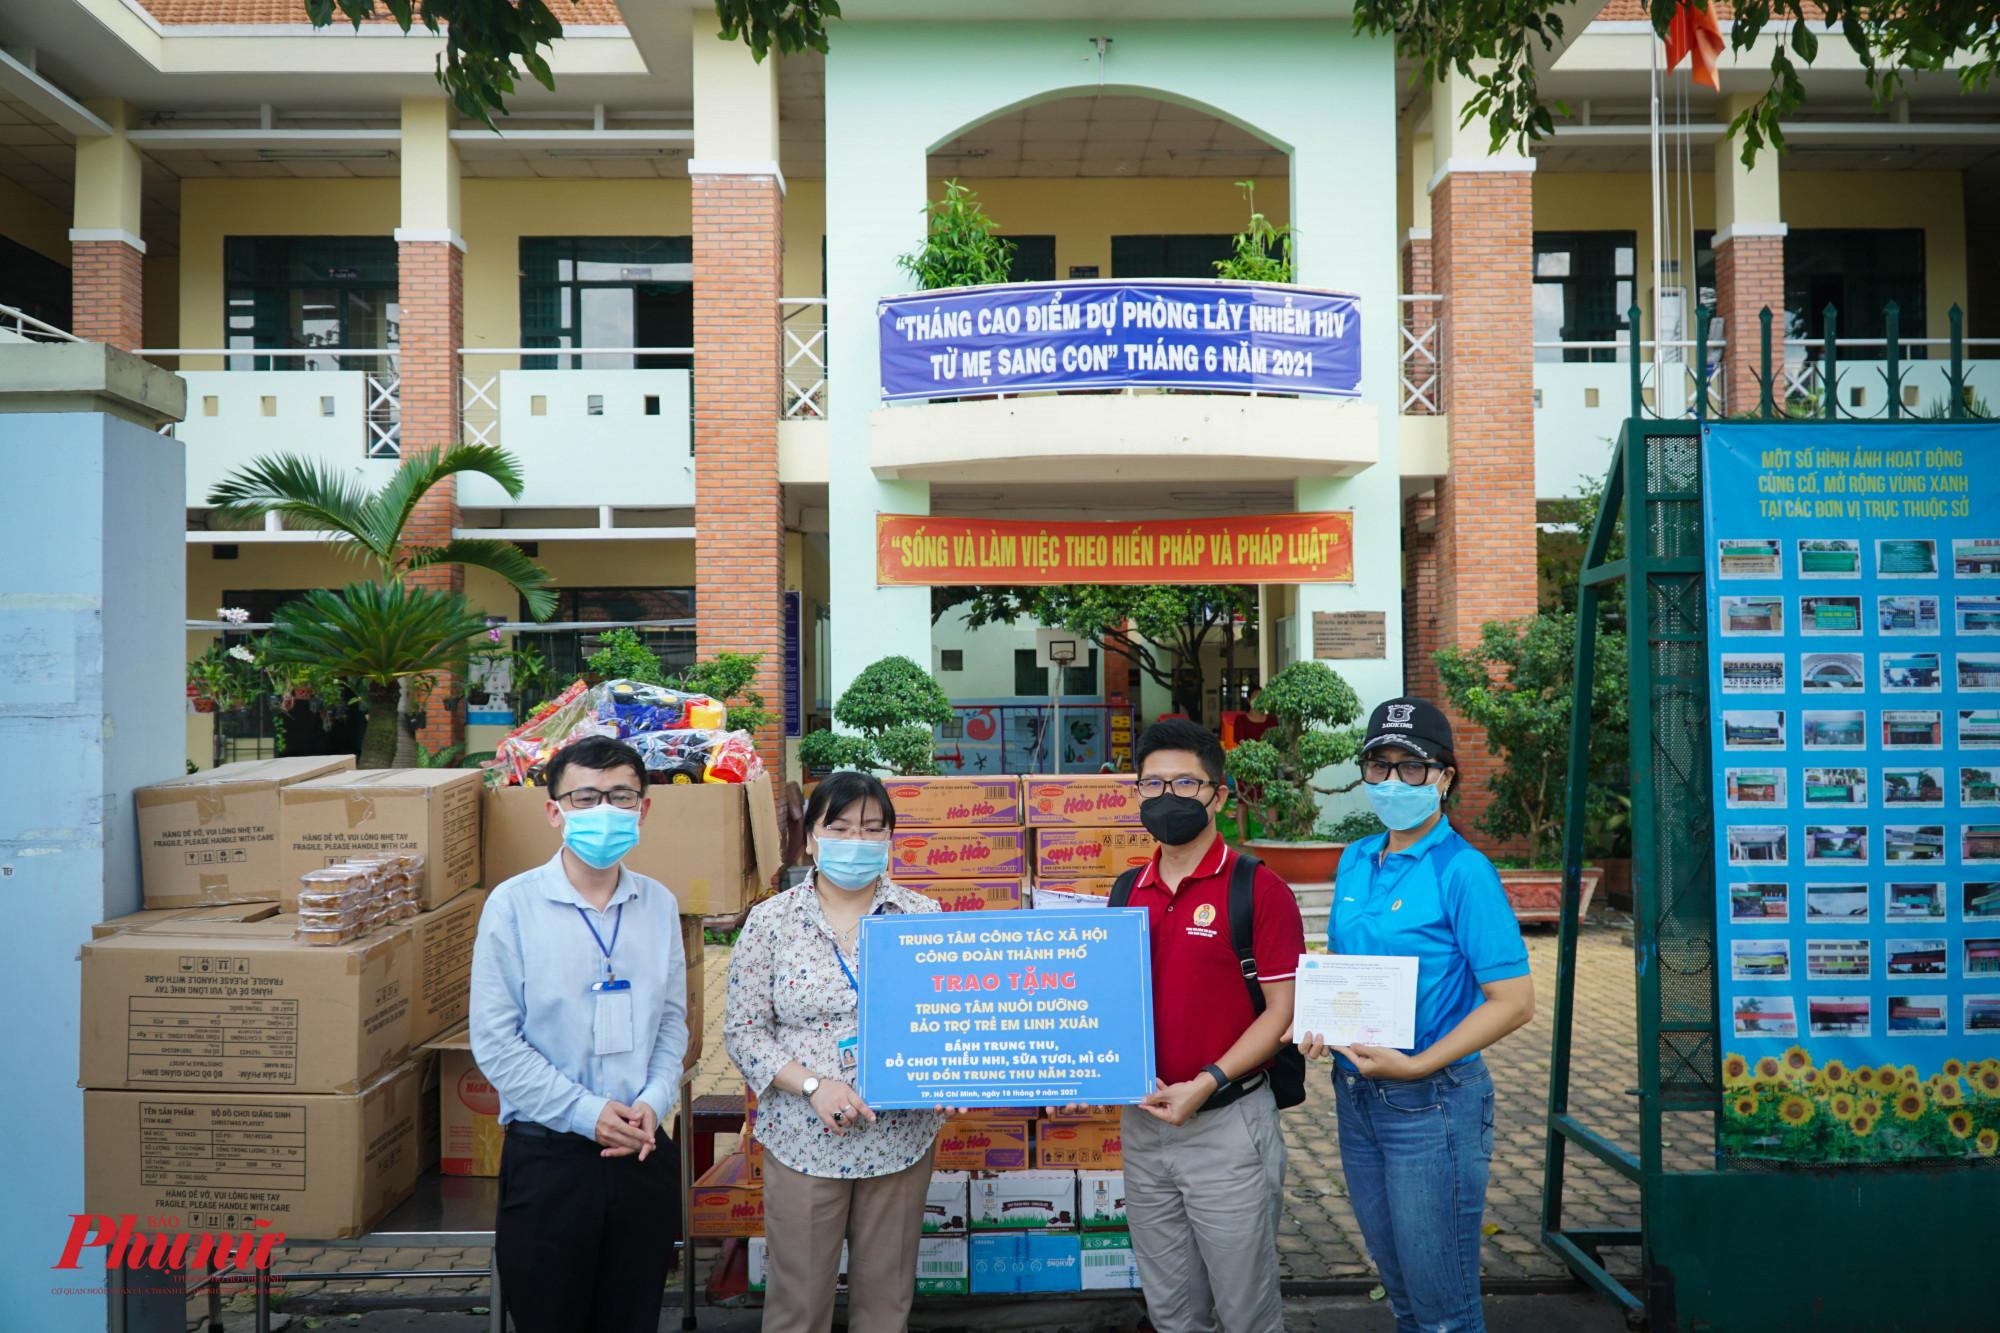 Cùng ngày, đoàn đã đến thăm Trung tâm nuôi dưỡng bảo trợ trẻ em Linh Xuân, phường Linh Xuân, TP. Thủ Đức